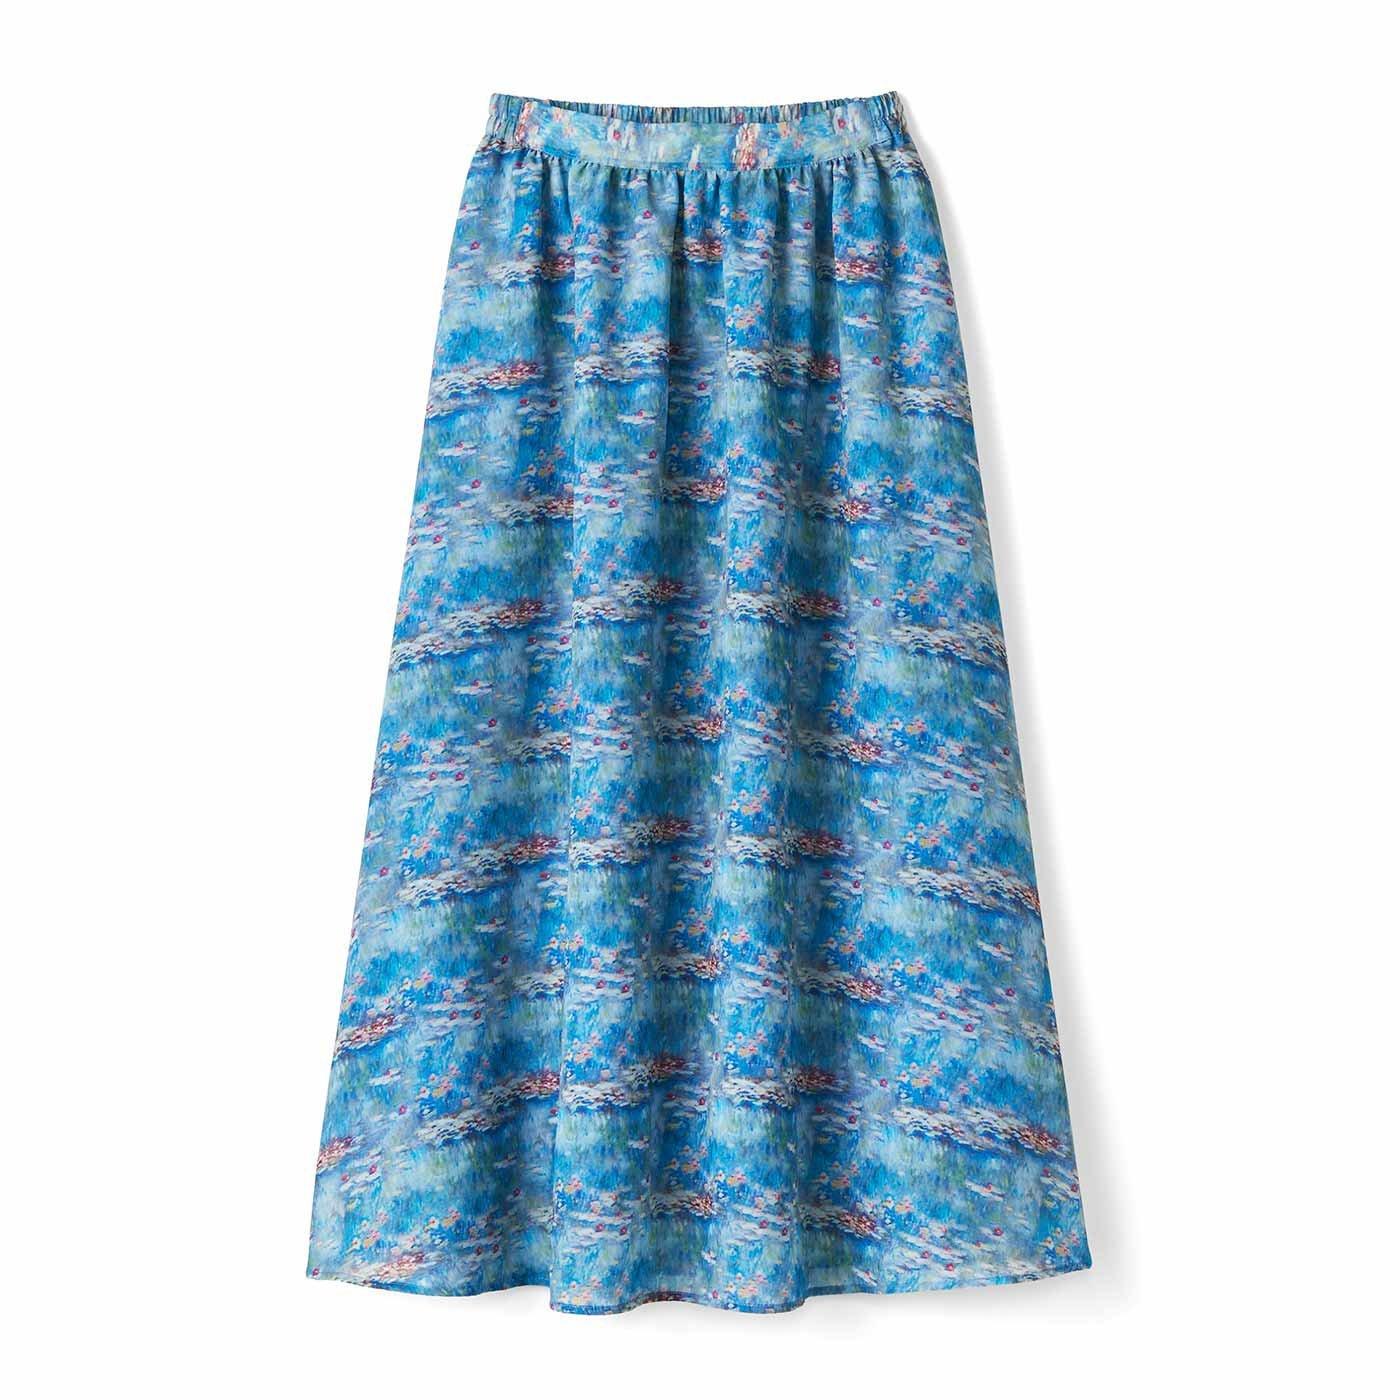 【3~10日でお届け】IEDIT[イディット] モネの睡蓮をまとうシフォンスカート〈ブルー〉